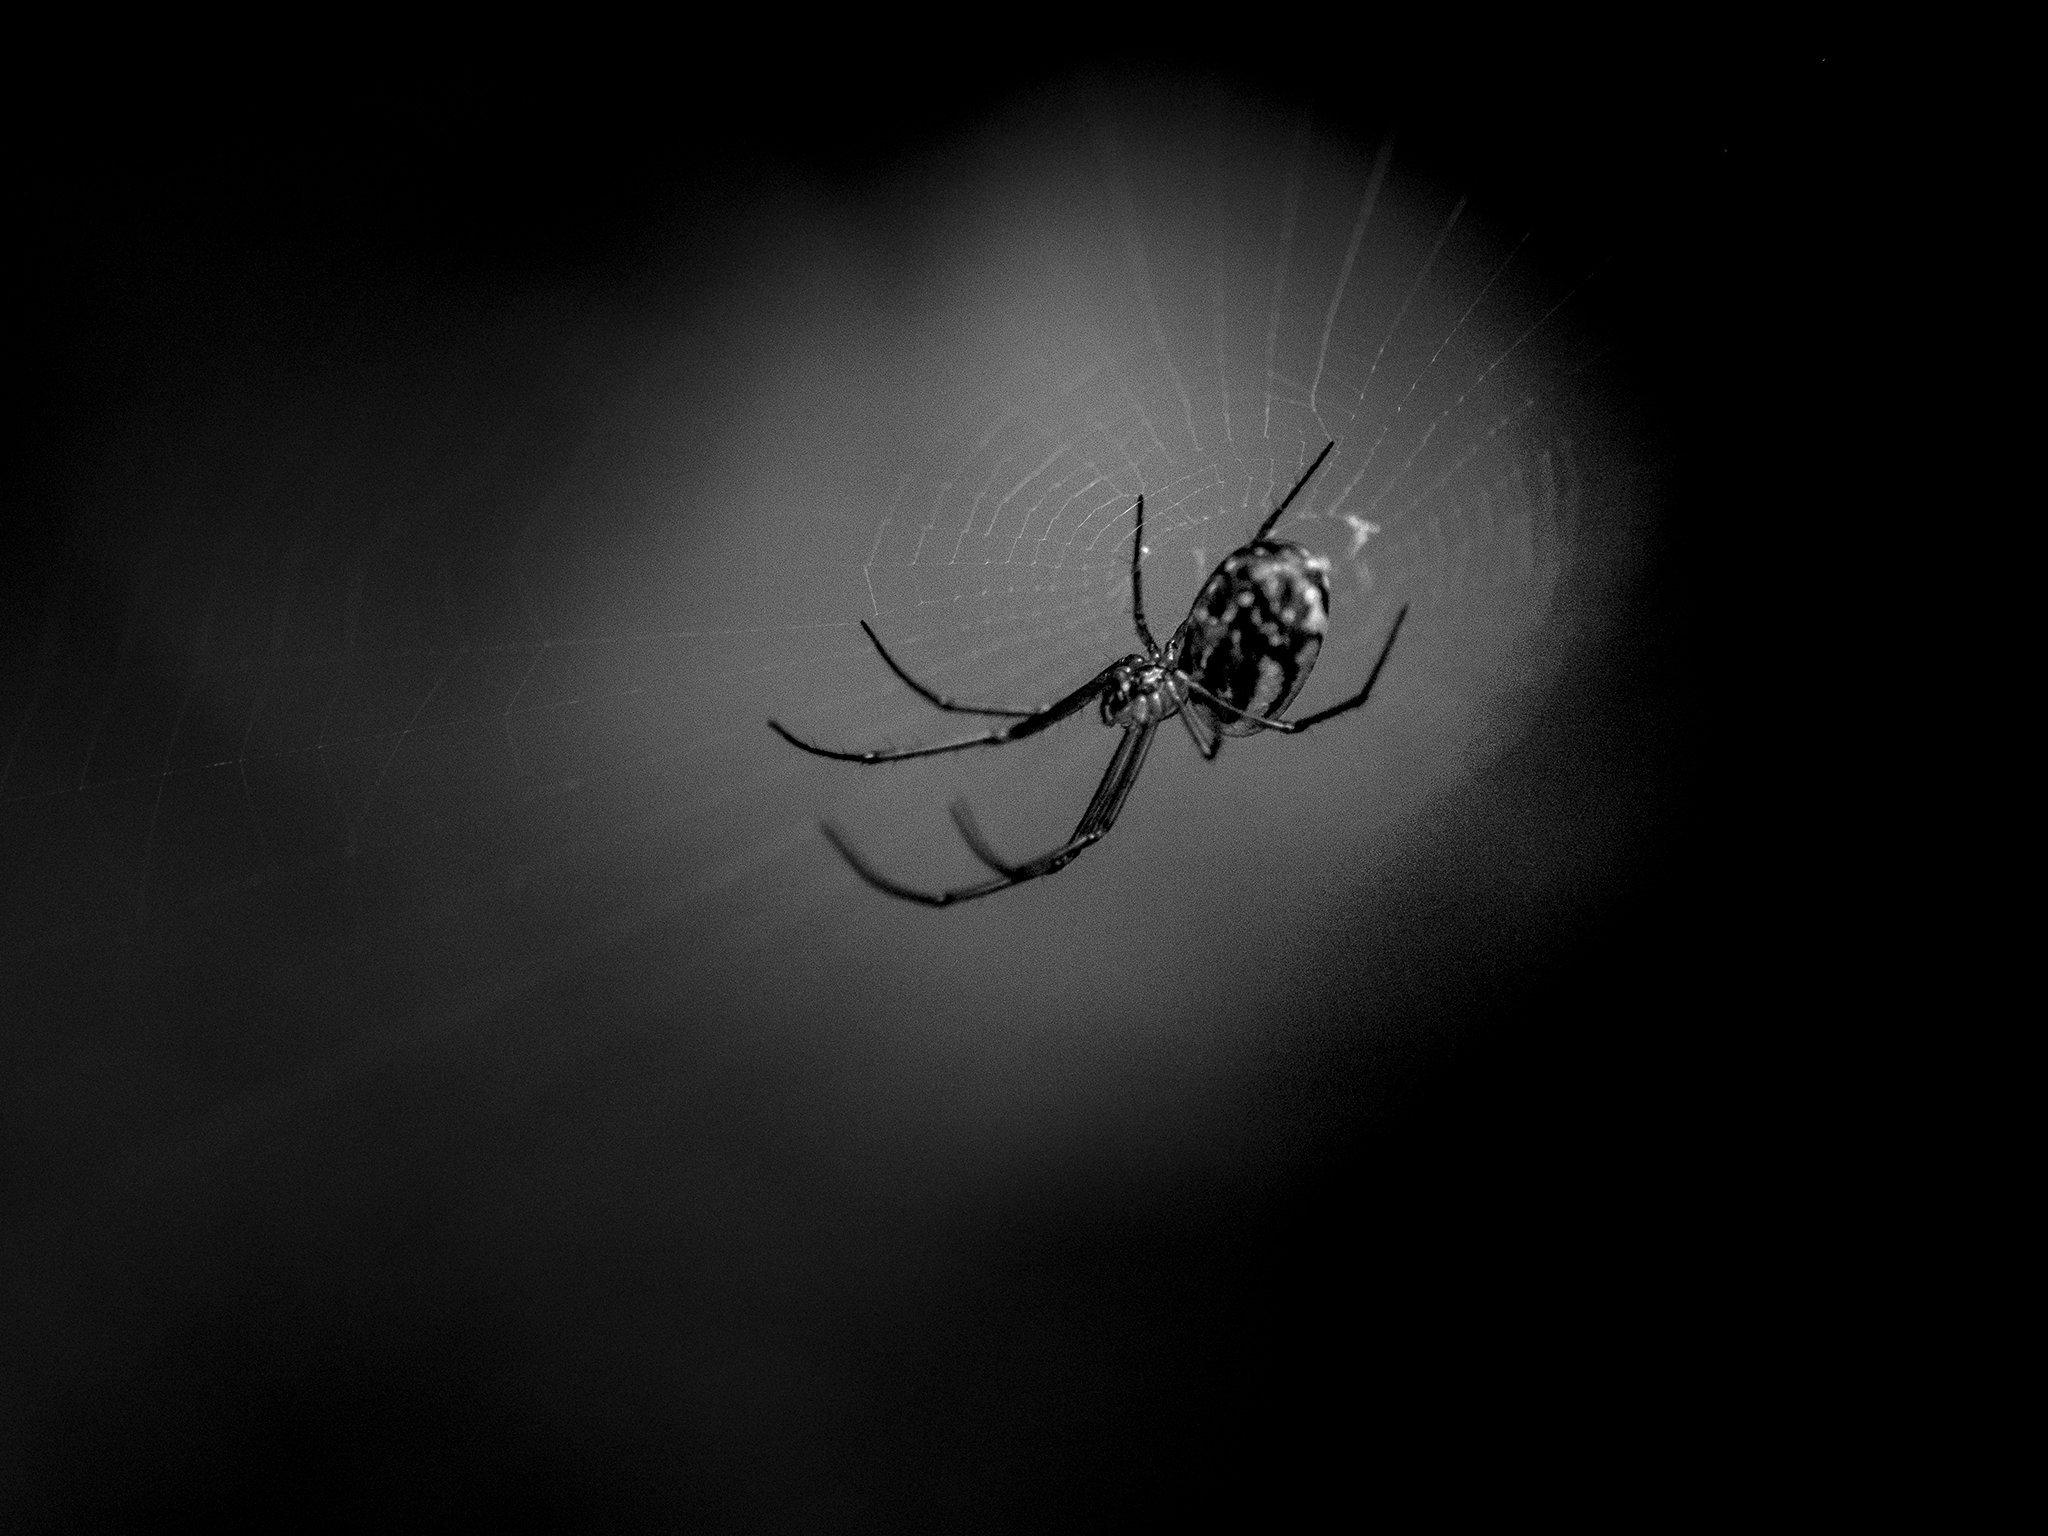 SpiderWeb2Viewbook.jpg